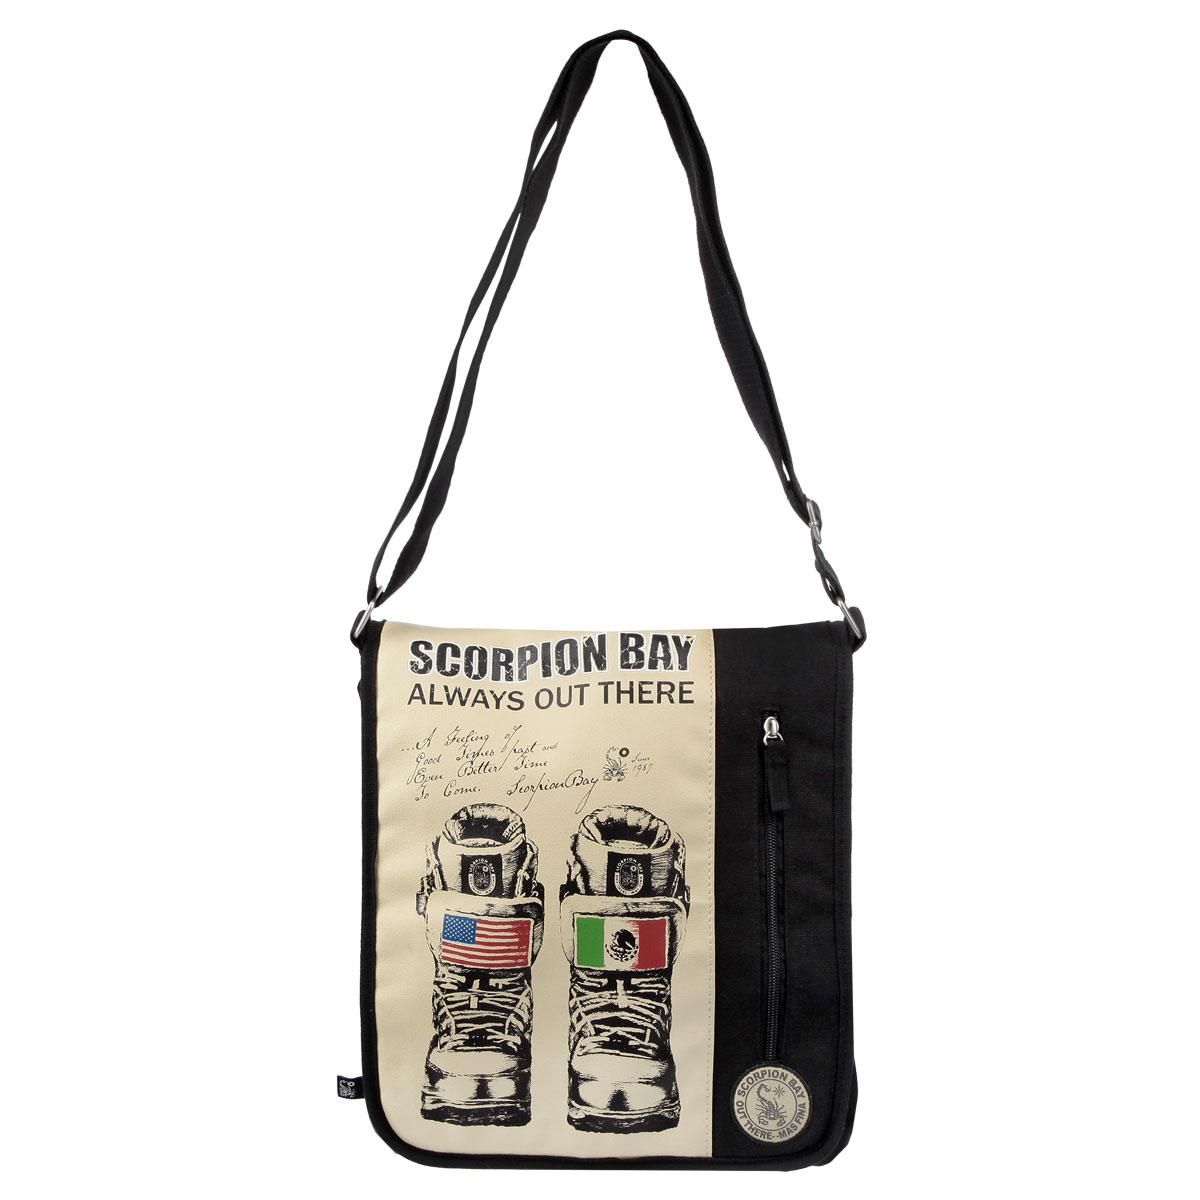 Сумка молодежная Scorpion Bay, цвет: черный, бежевыйDV-AB11050/1/14Оригинальная молодежная сумка Scorpion Bay прекрасно подойдет для учебы, занятий спортом и повседневных дел. Стильная, легкая и удобная сумка с броской нашивкой станет незаменимым аксессуаром. Вместительное внутреннее отделение закрывается на клапан на липучке, в него поместятся все необходимые школьные принадлежности или спортивная форма. На задней стороне большой открытый карман. Внутреннее отделение содержит дополнительный карман на молнии и два небольших открытых кармана. Плотная и широкая лямка свободно регулируется по длине, что позволяет носить сумку школьникам разного возраста. Лаконичный и сдержанный дизайн подчеркнет индивидуальность и порадует своей функциональностью.